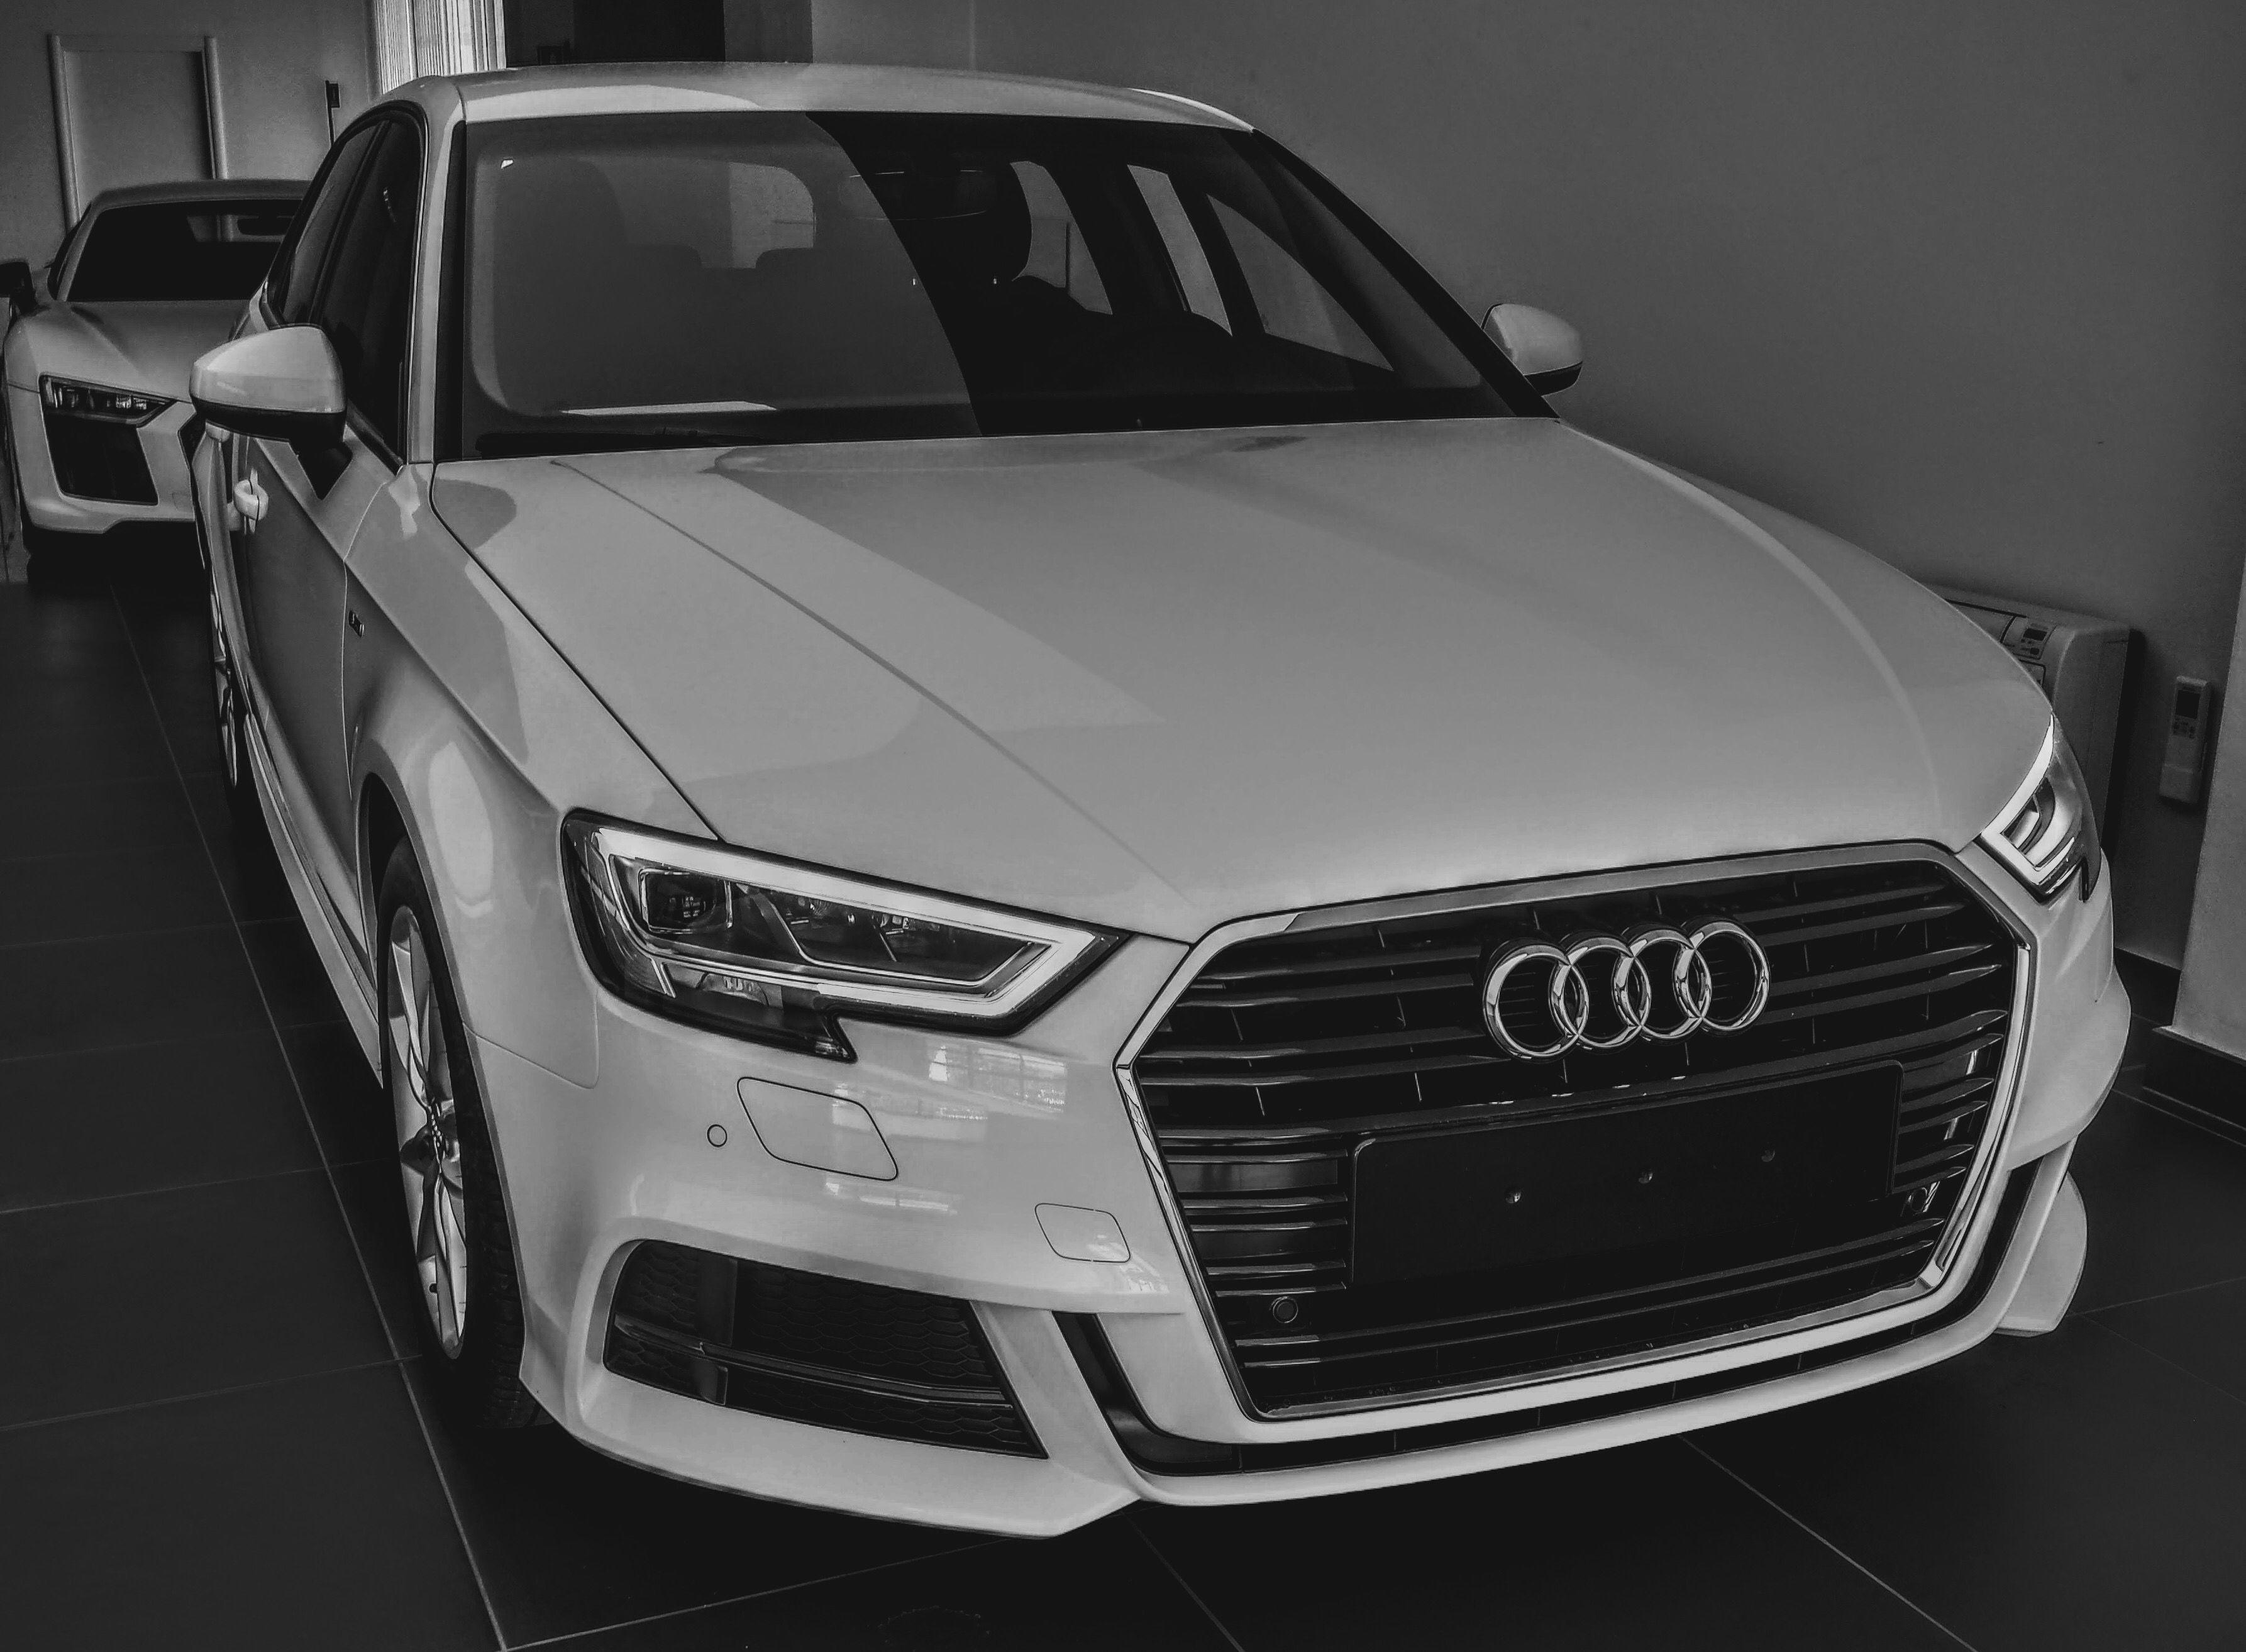 Audi A3 Sportback 2017 Ibis White Liebe